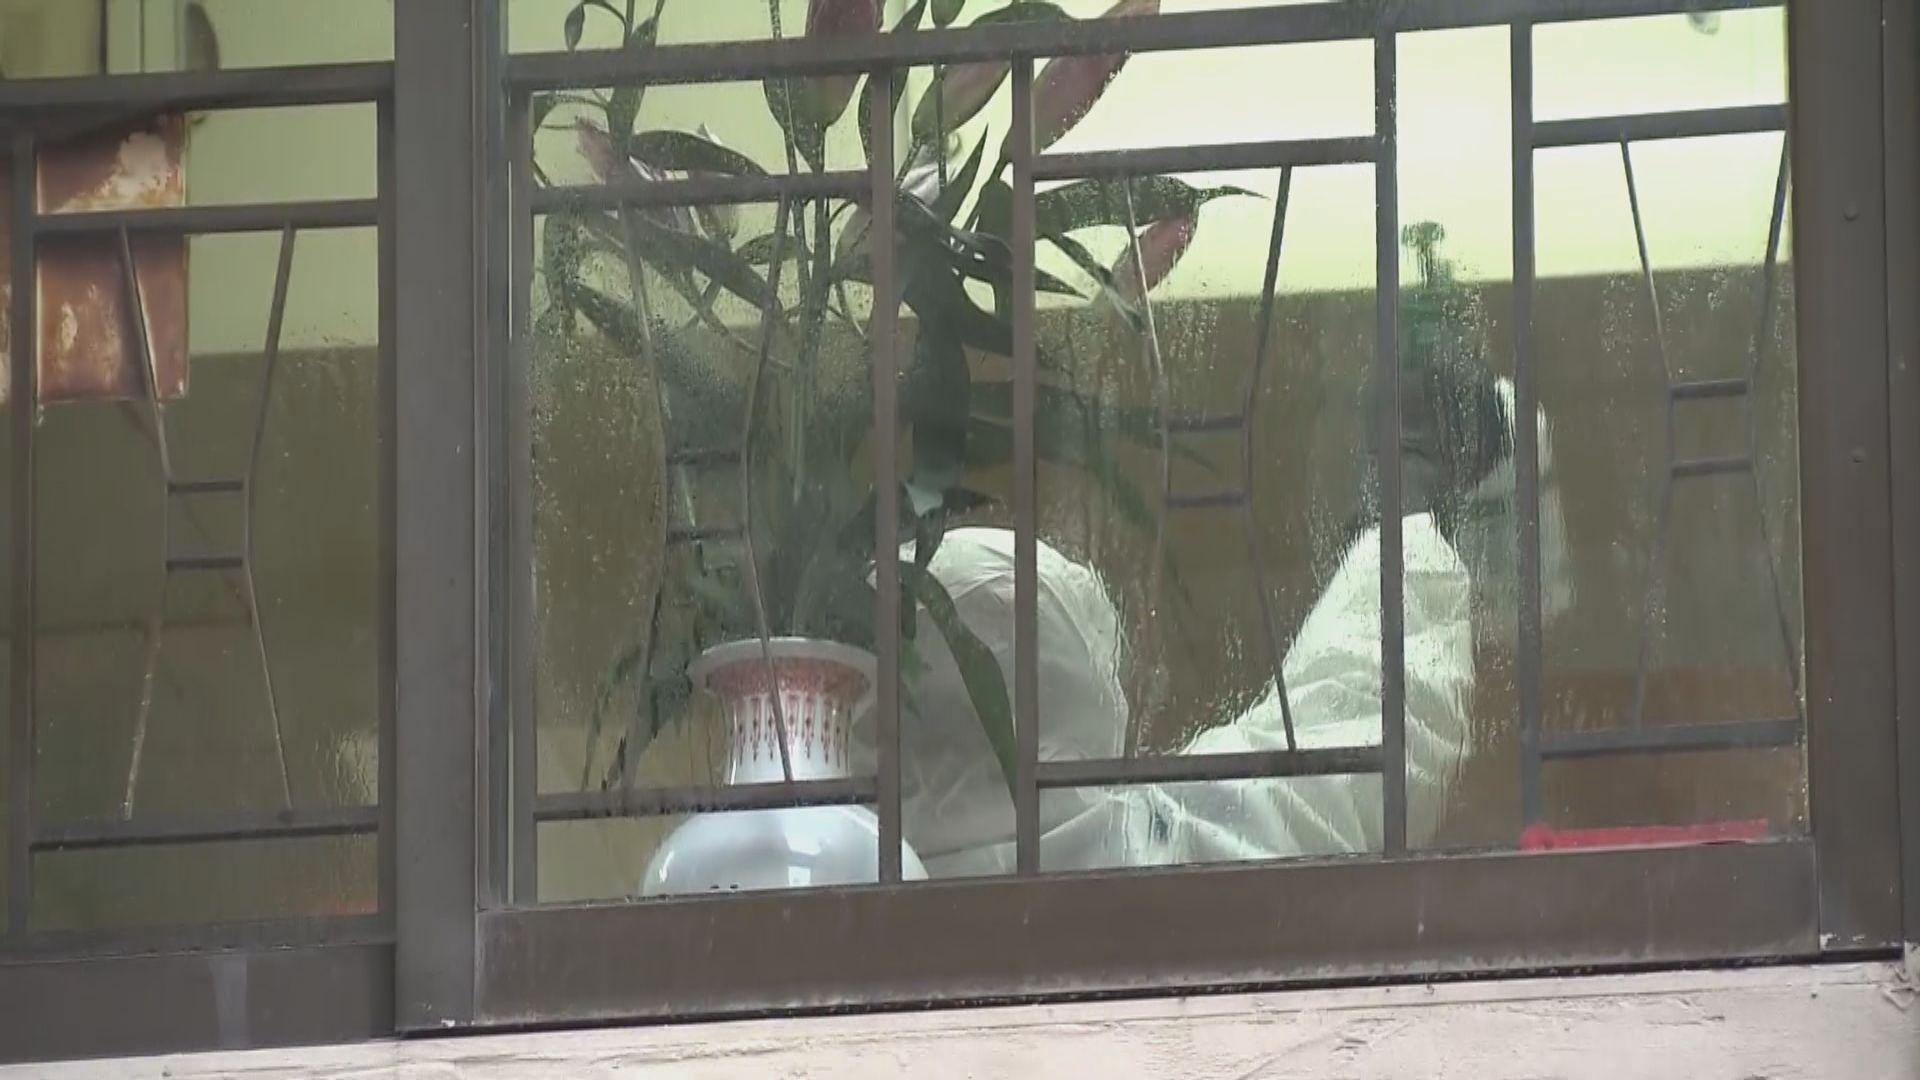 衞生署:30人曾到福慧精舍佛堂 五人有病徵須留院隔離